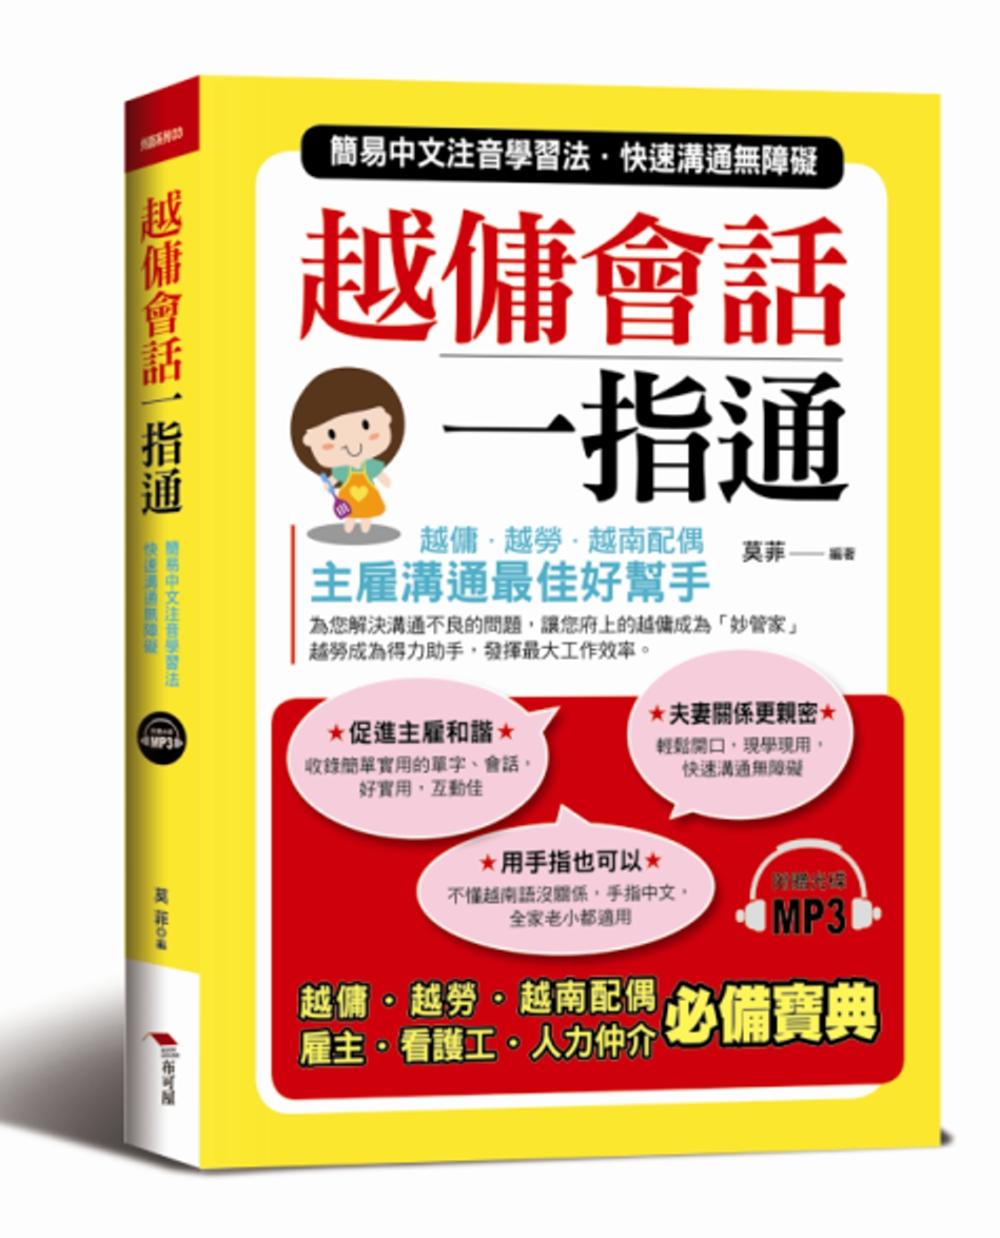 越傭會話一指通:簡易中文注音學習法 快速溝通無障礙(附贈MP3)